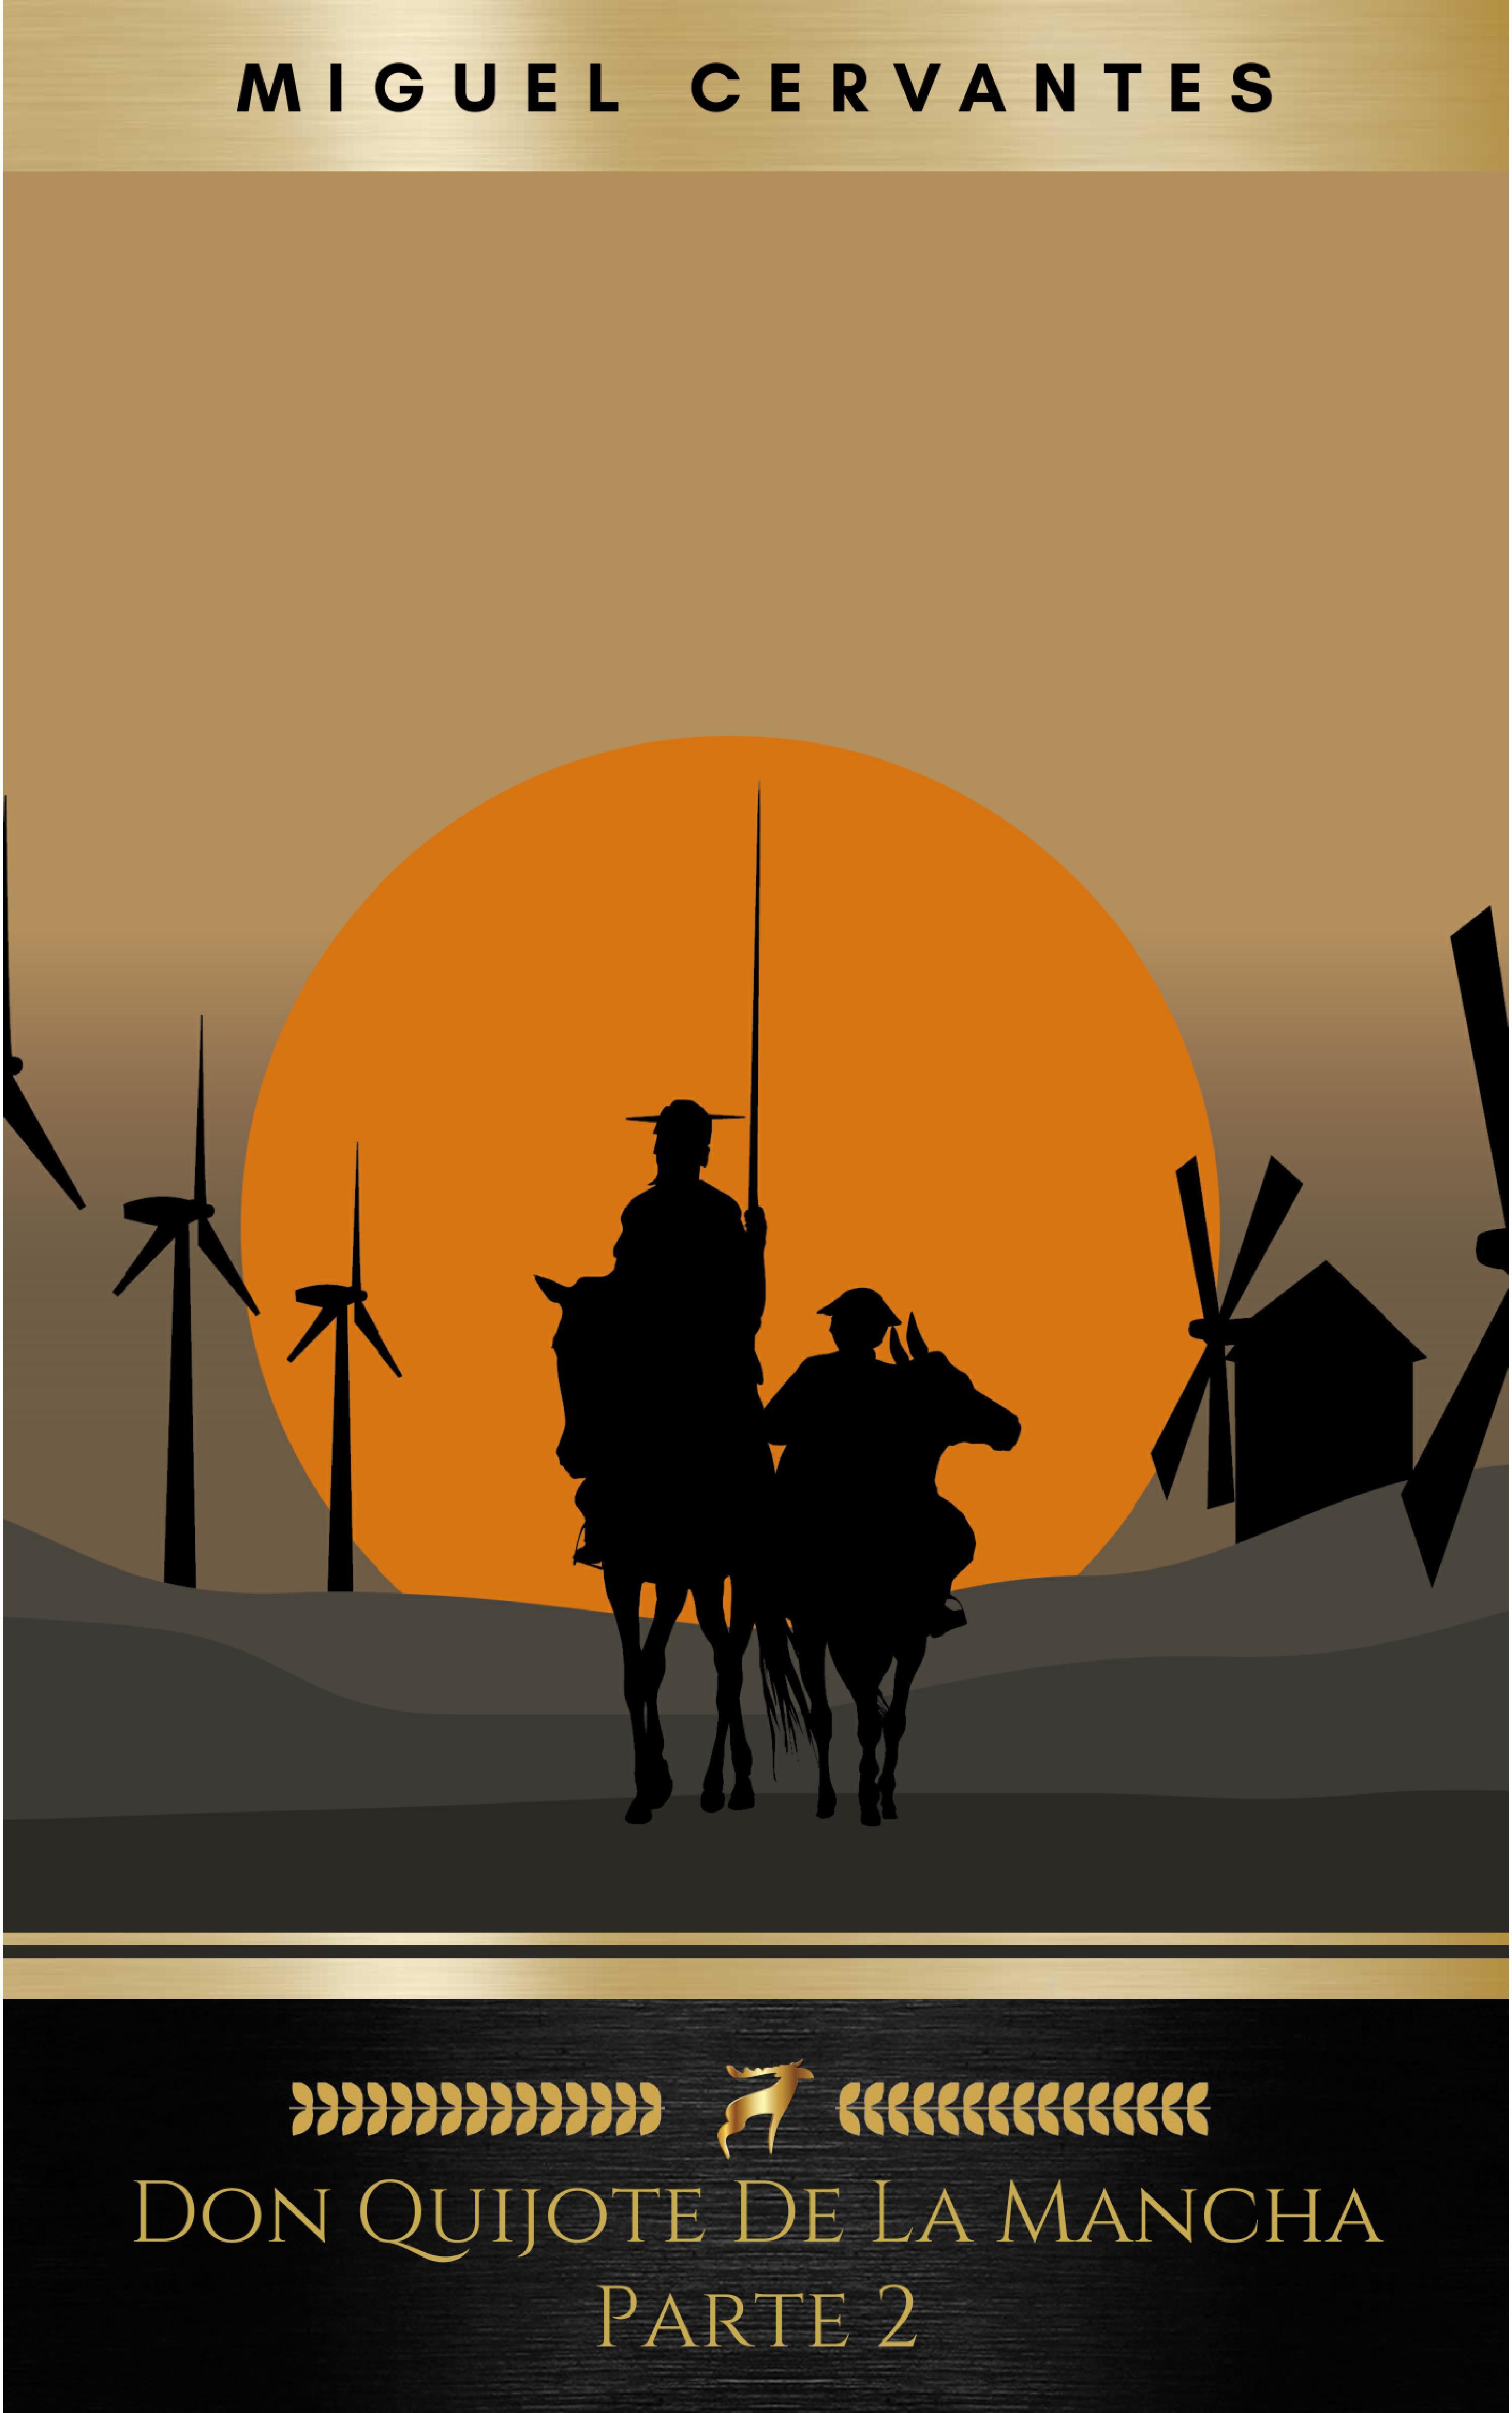 Miguel Cervantes Segunda parte del ingenioso caballero don Quijote de la Mancha: Volume 2 (El Quijote) vida y hechos del picaro guzman de alfarache par mateo aleman parte segunda